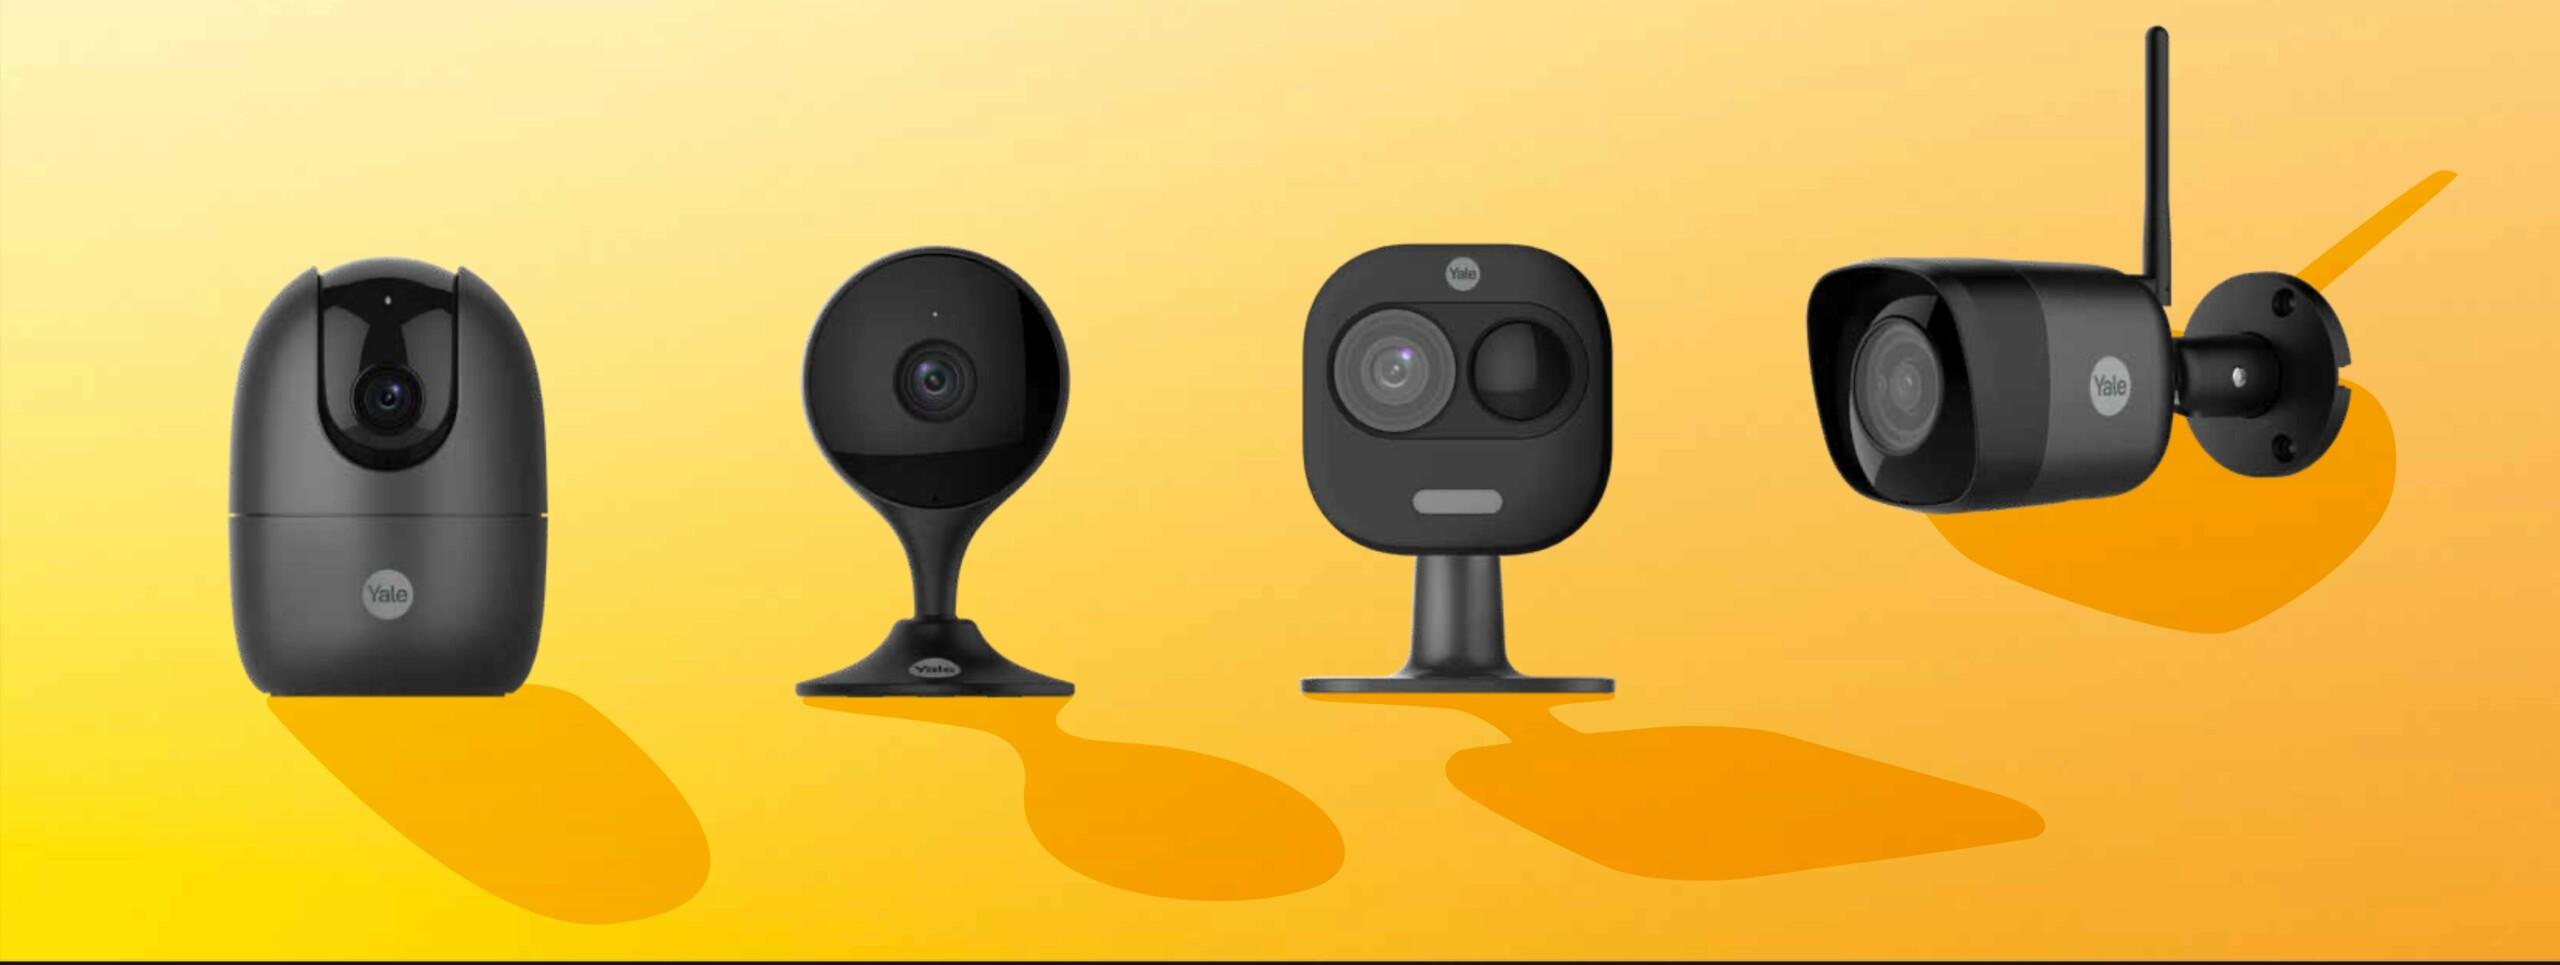 Yale lance quatre nouvelles caméras de surveillance pour la maison à prix abordable